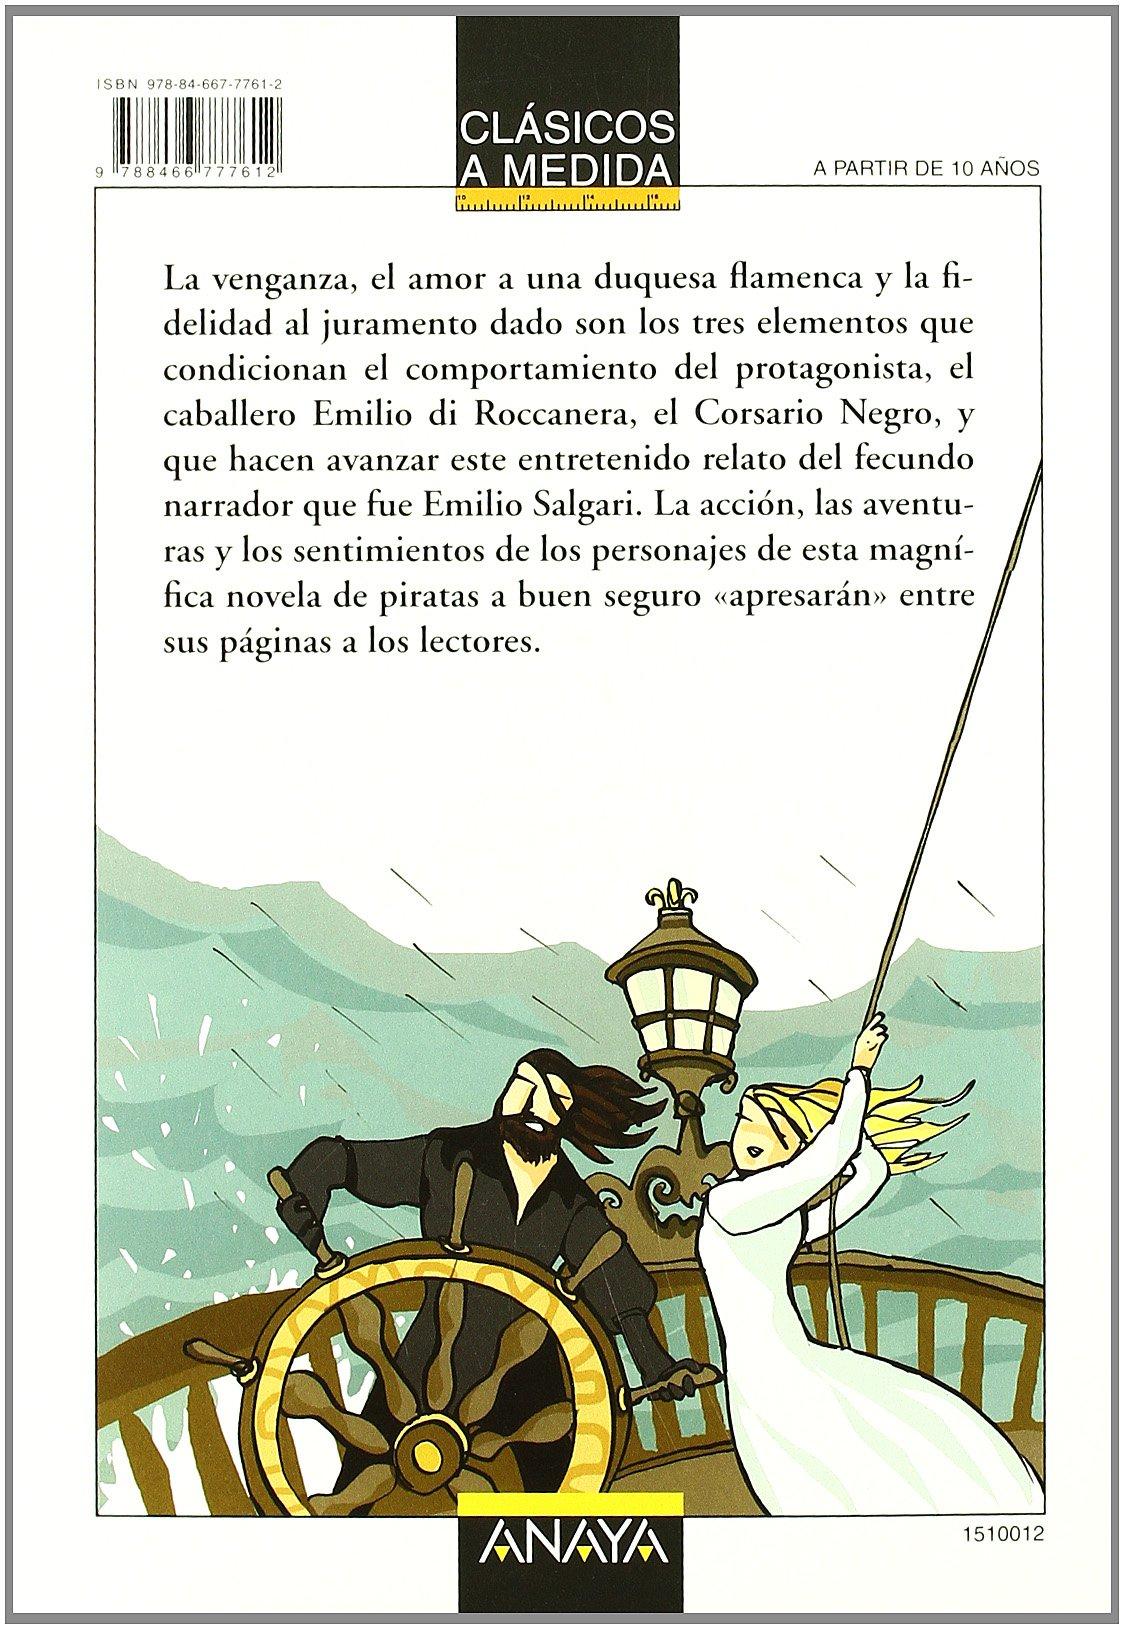 El Corsario Negro Clásicos Clásicos A Medida Spanish Edition 9788466777612 Recio Mir Ana Salgari Emilio Maier Ximena Books